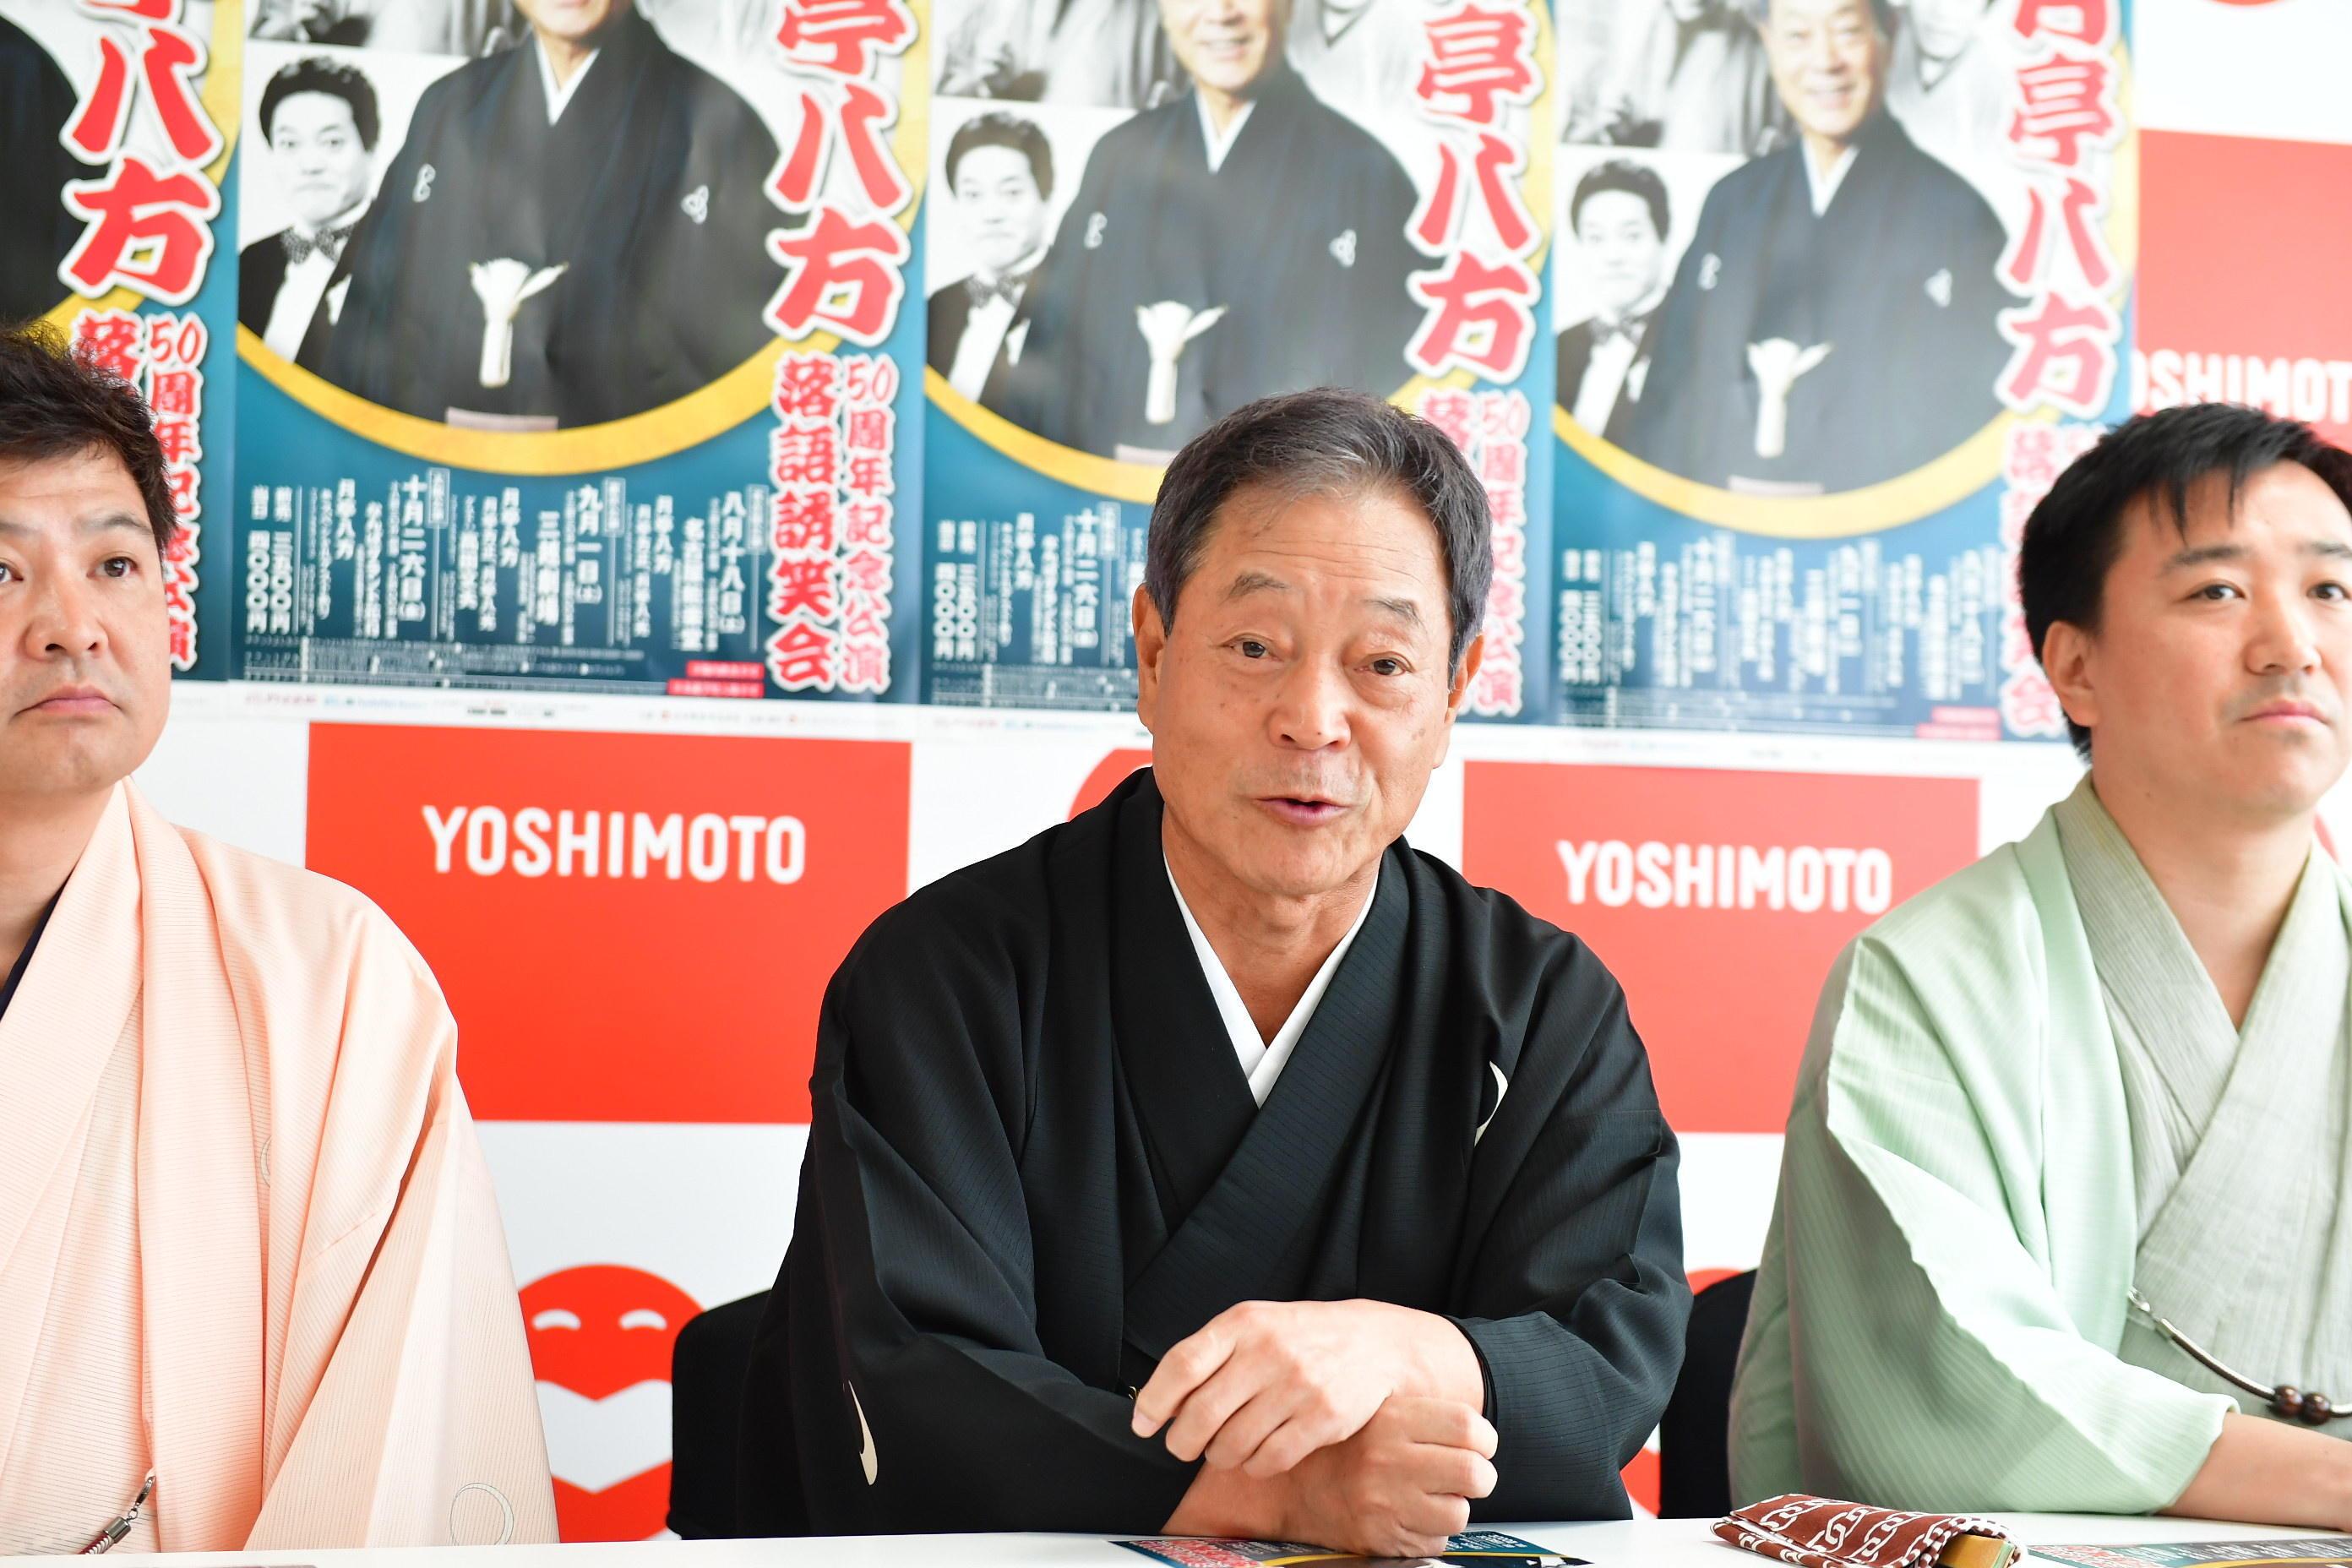 http://news.yoshimoto.co.jp/20180806204603-3de017a4ca1afc532a8dcd4fff57023d0c83cb29.jpg